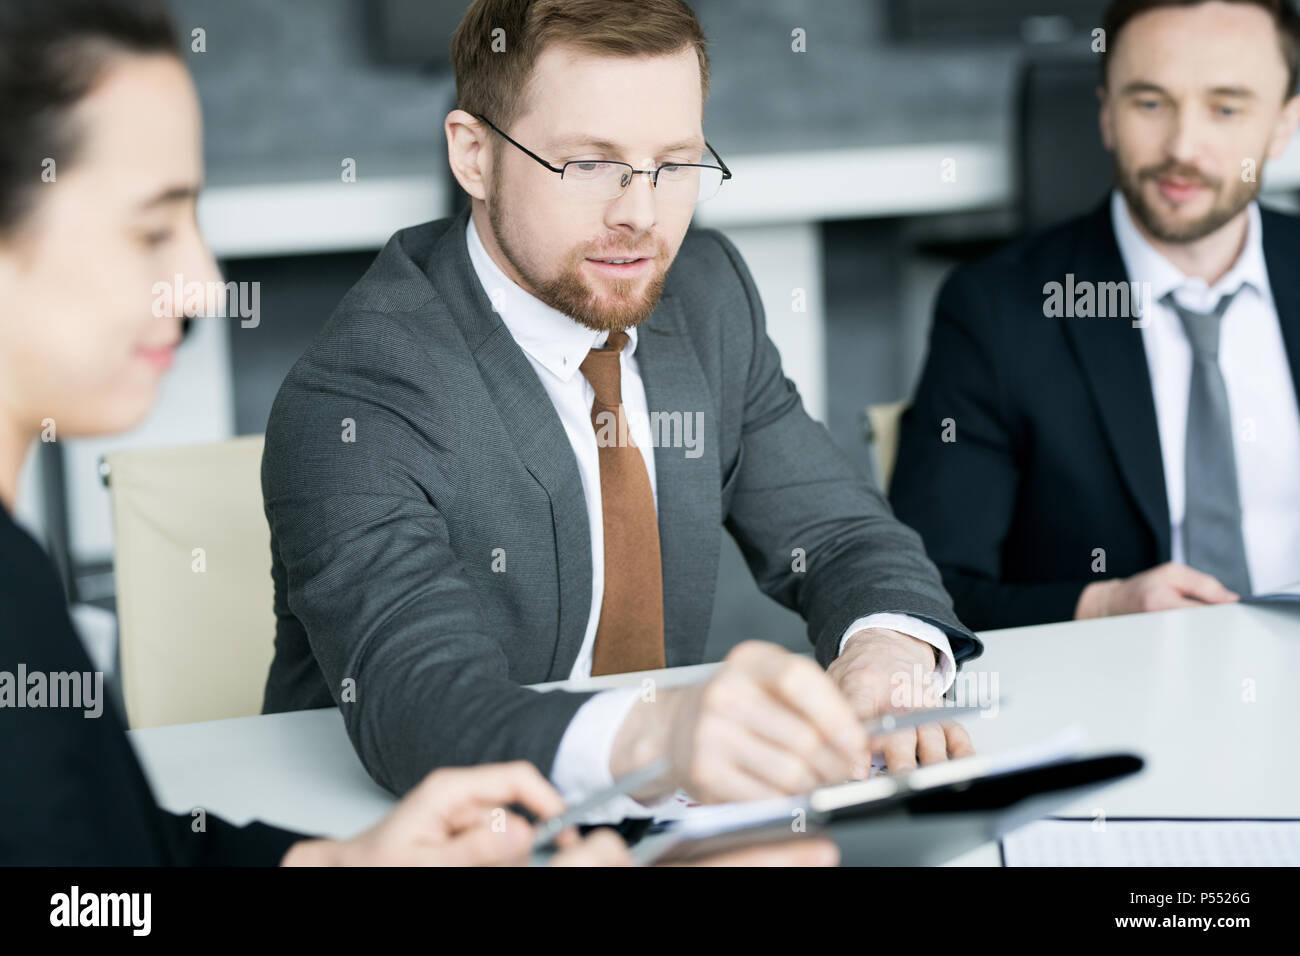 Les entreprises de clients Contrat Signature Photo Stock